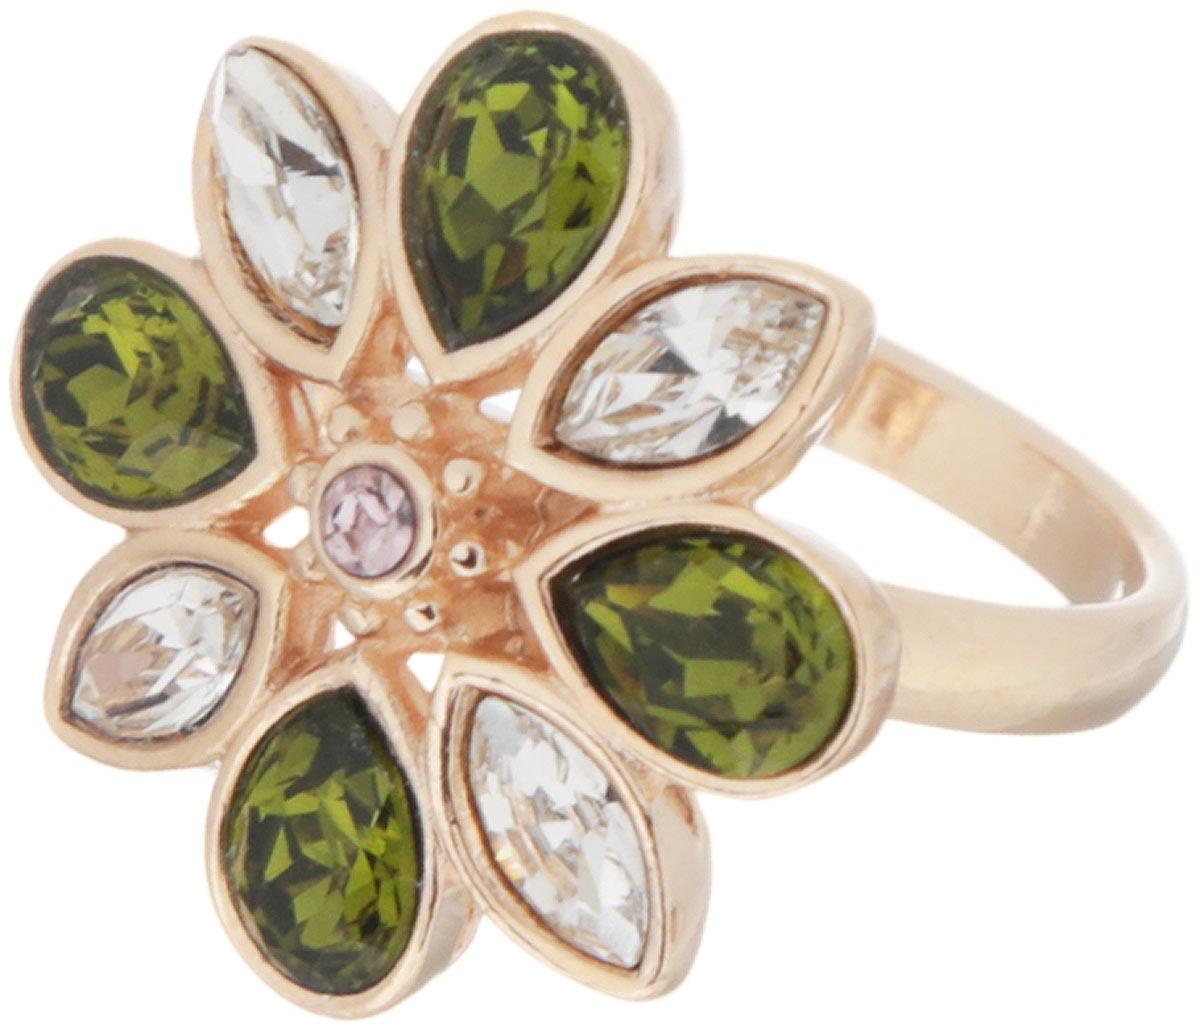 Кольцо Jenavi Фтия, цвет: золотистый, зеленый, прозрачный. Размер 17k321p070Яркое кольцо Jenavi Фтия изготовлено из ювелирного сплава с антиаллергическим гальваническим позолоченным покрытием. Декоративный элемент в виде цветка из чередующихся кристаллов Swarovski придает ему праздничный вид. Изысканное цветовое решение и оригинальный дизайн этого кольца не позволят вам остаться незамеченными.